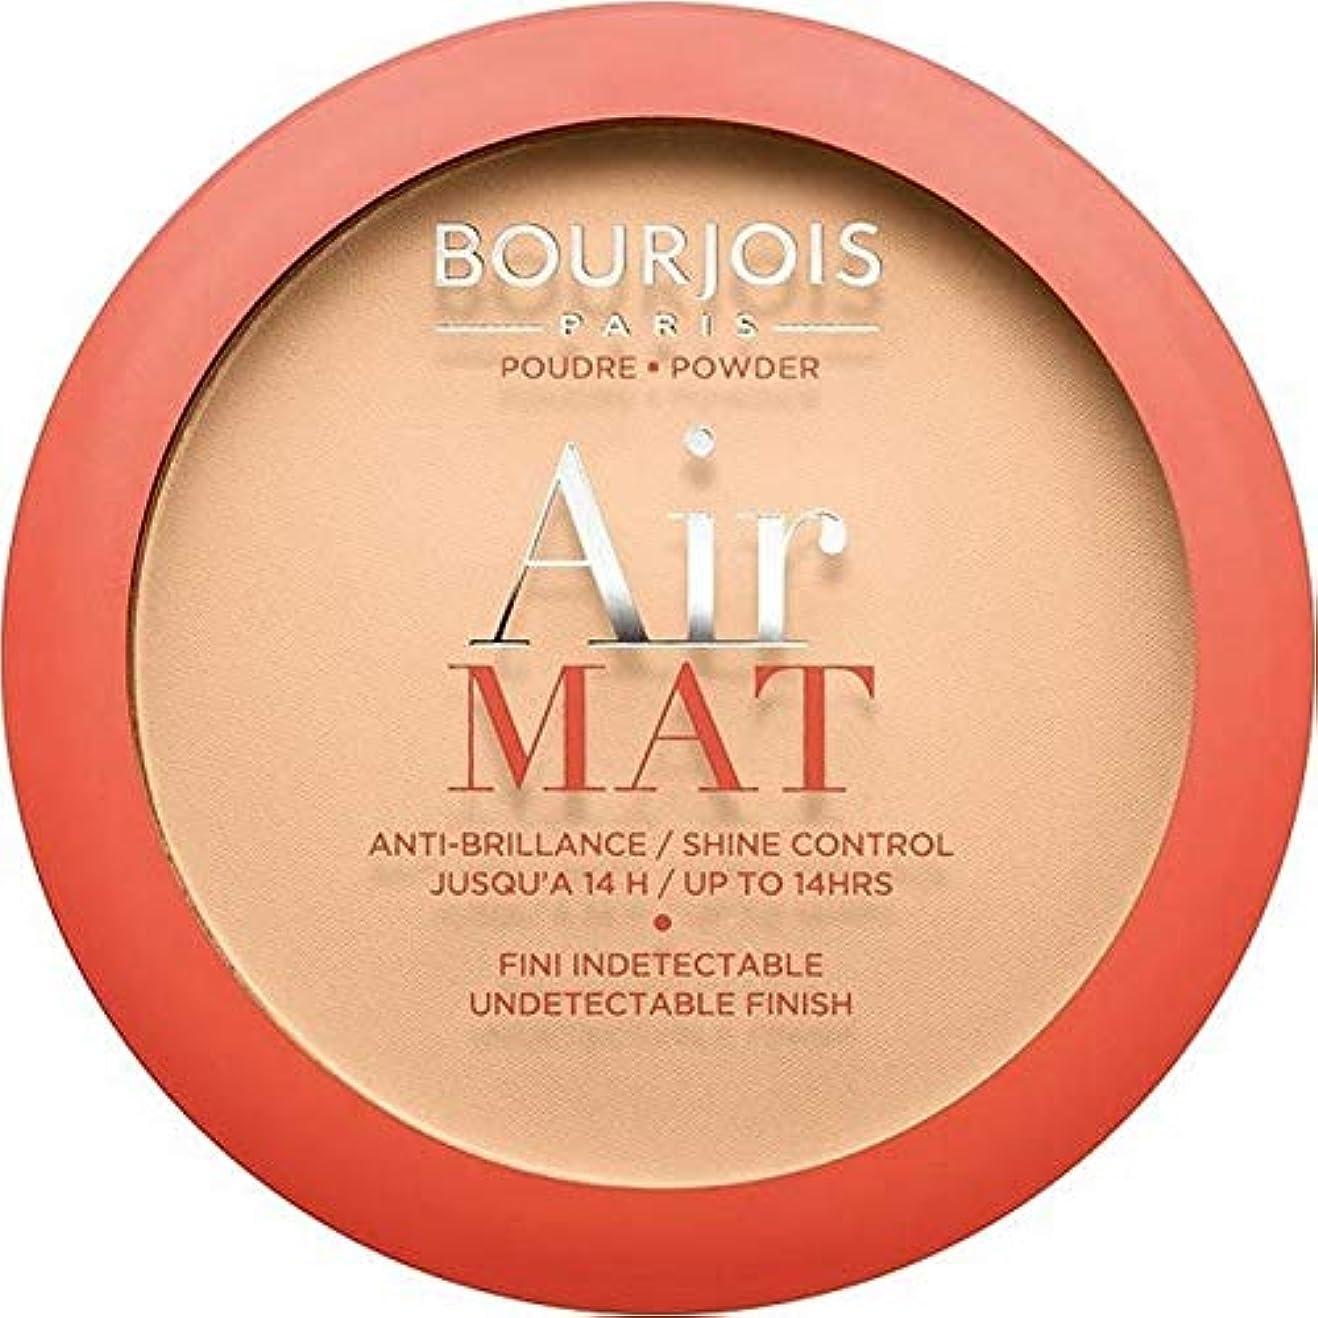 郡指導する高さ[Bourjois ] ブルジョワ空気マット圧粉 - ライトベージュ - Bourjois Air Mat Pressed Powder - Light Beige [並行輸入品]